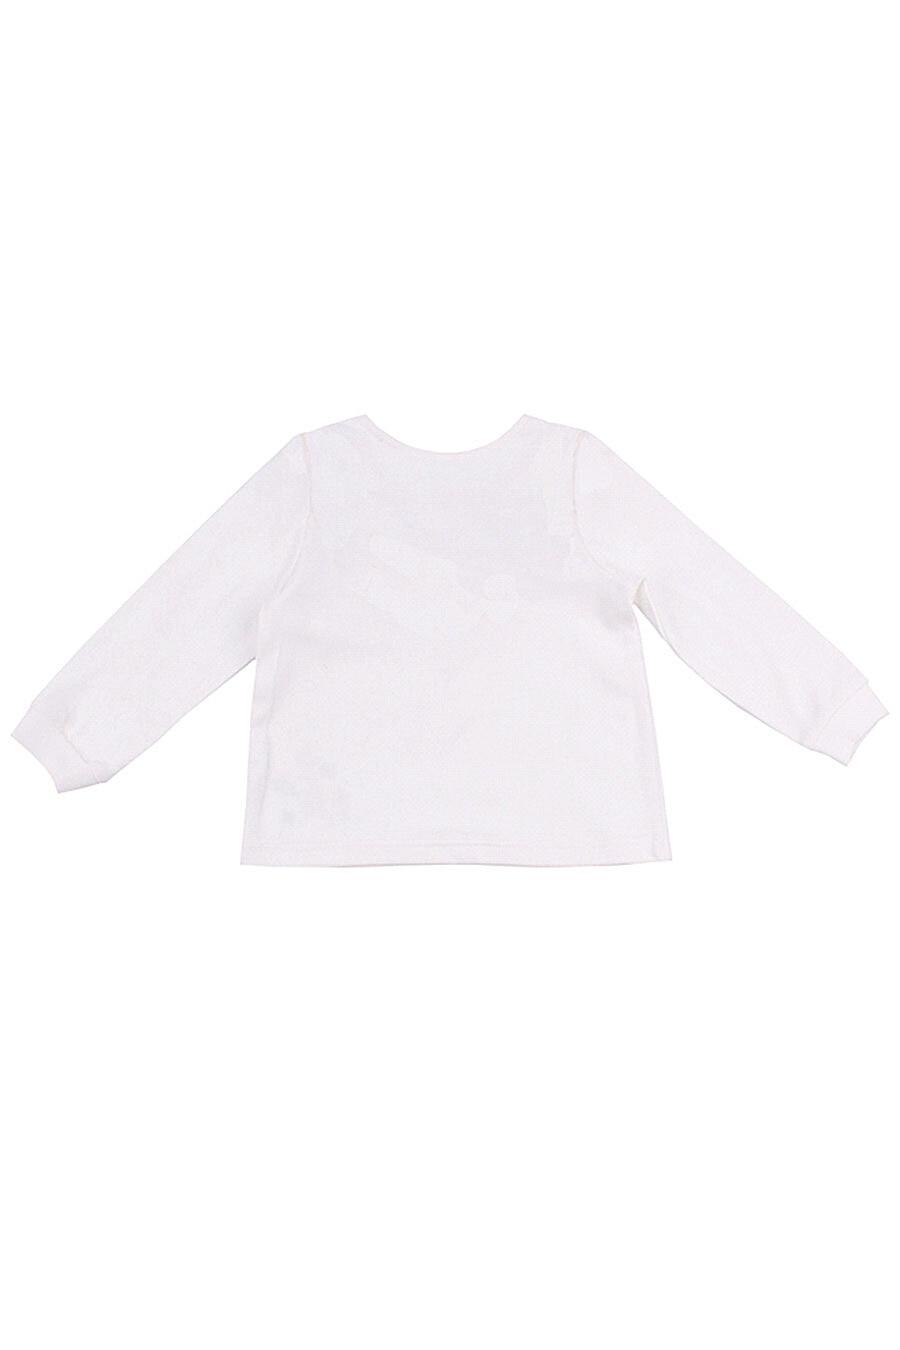 Джемпер для девочек Archi 130826 купить оптом от производителя. Совместная покупка детской одежды в OptMoyo